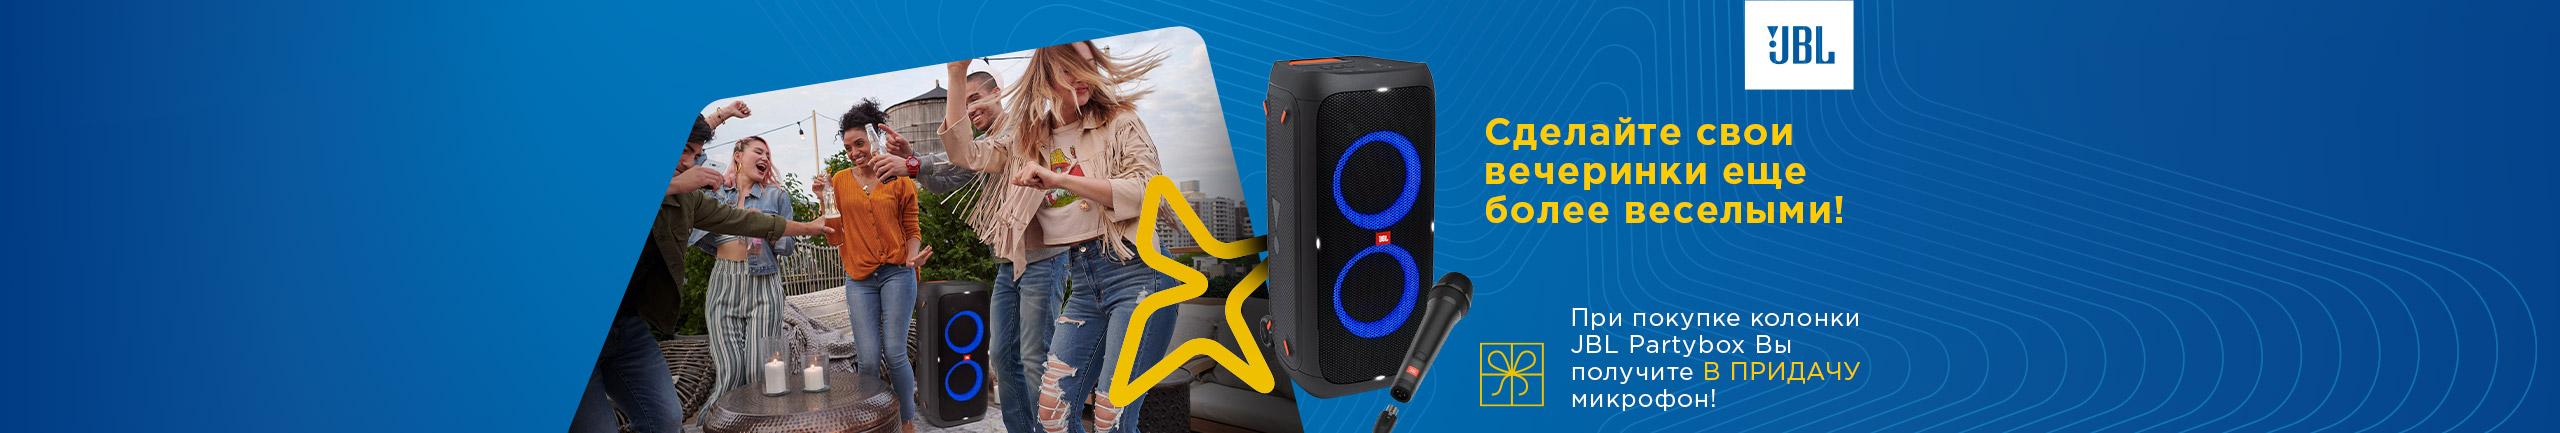 При покупке колонки JBL Partybox Вы получите в придачу микрофон!